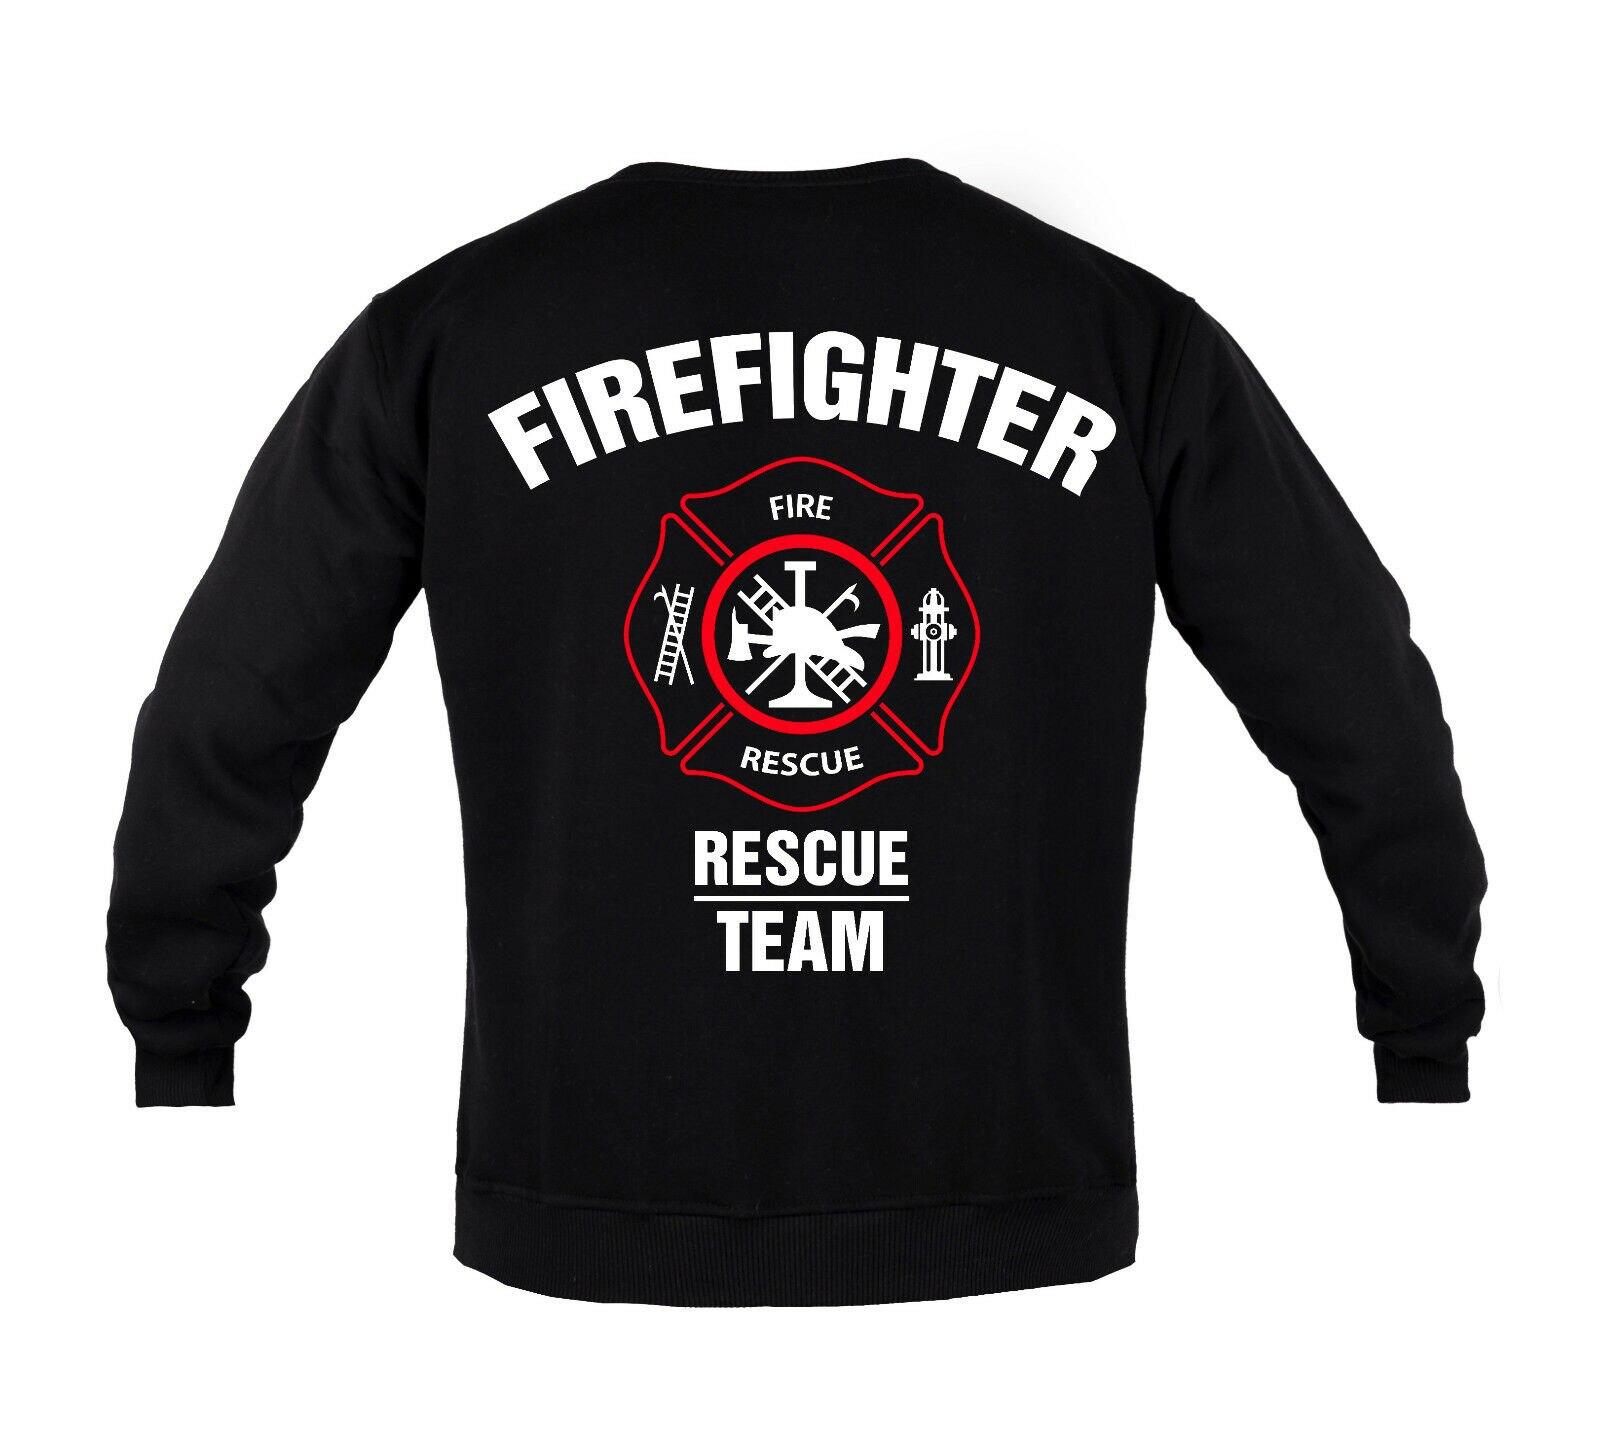 Equipe de resgate dos bombeiros moletom masculino algodão bombeiro moletom com capuz crewneck